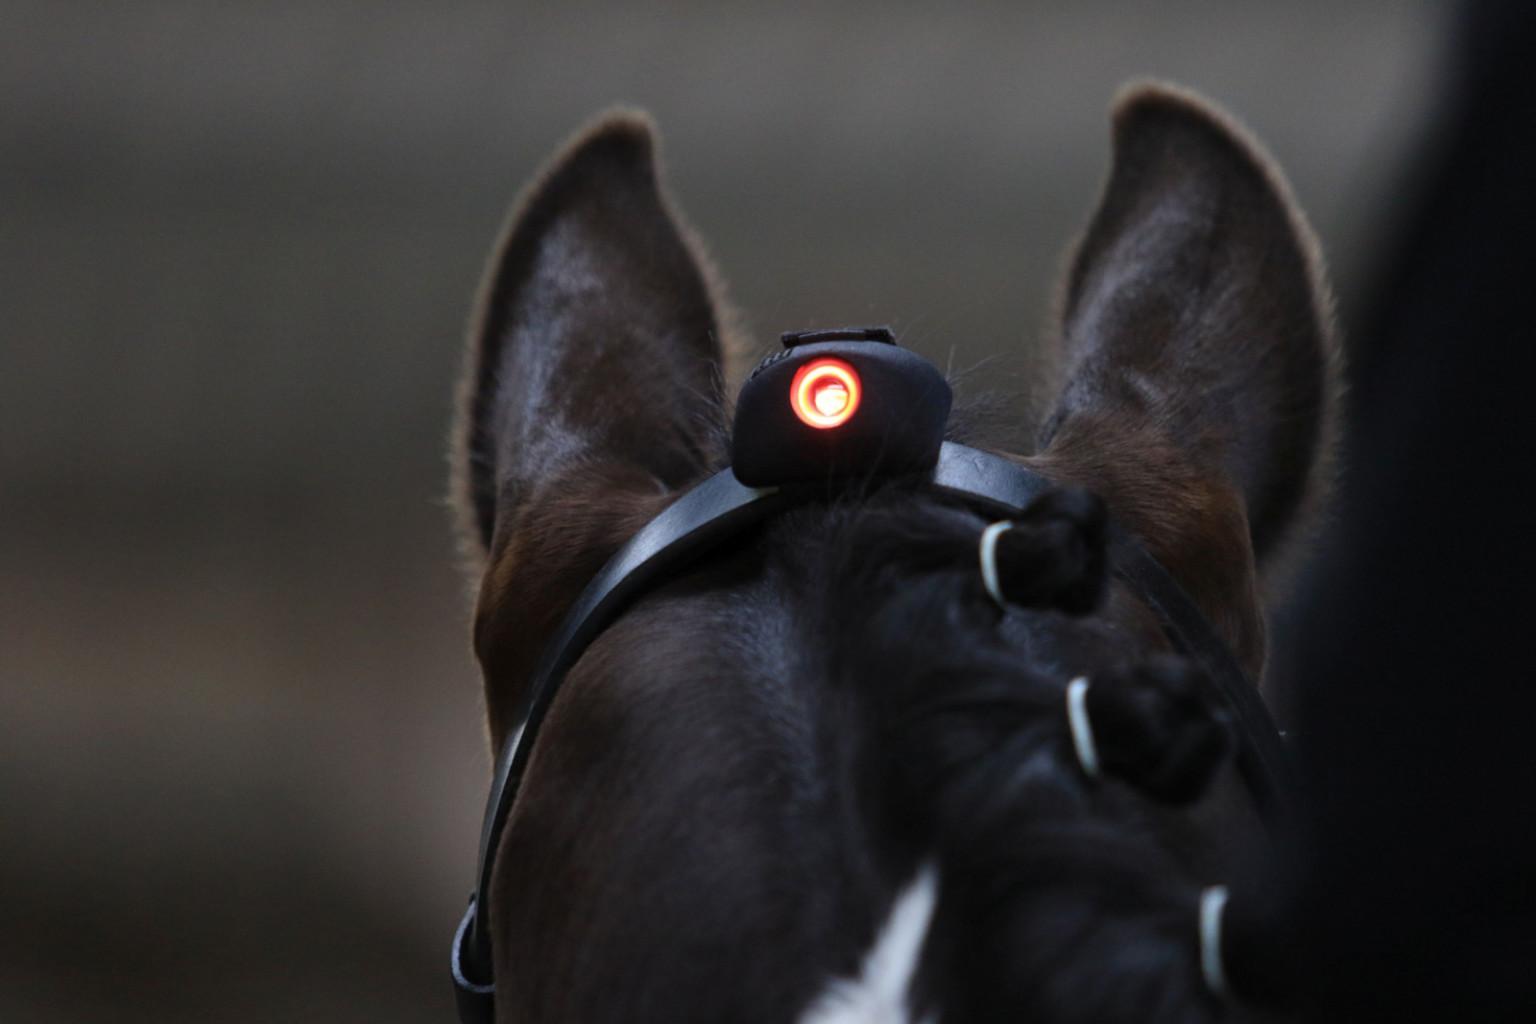 Ko zasveti rdeča luč, jahač ve, da je konjeva glava v nepravilnem položaju.